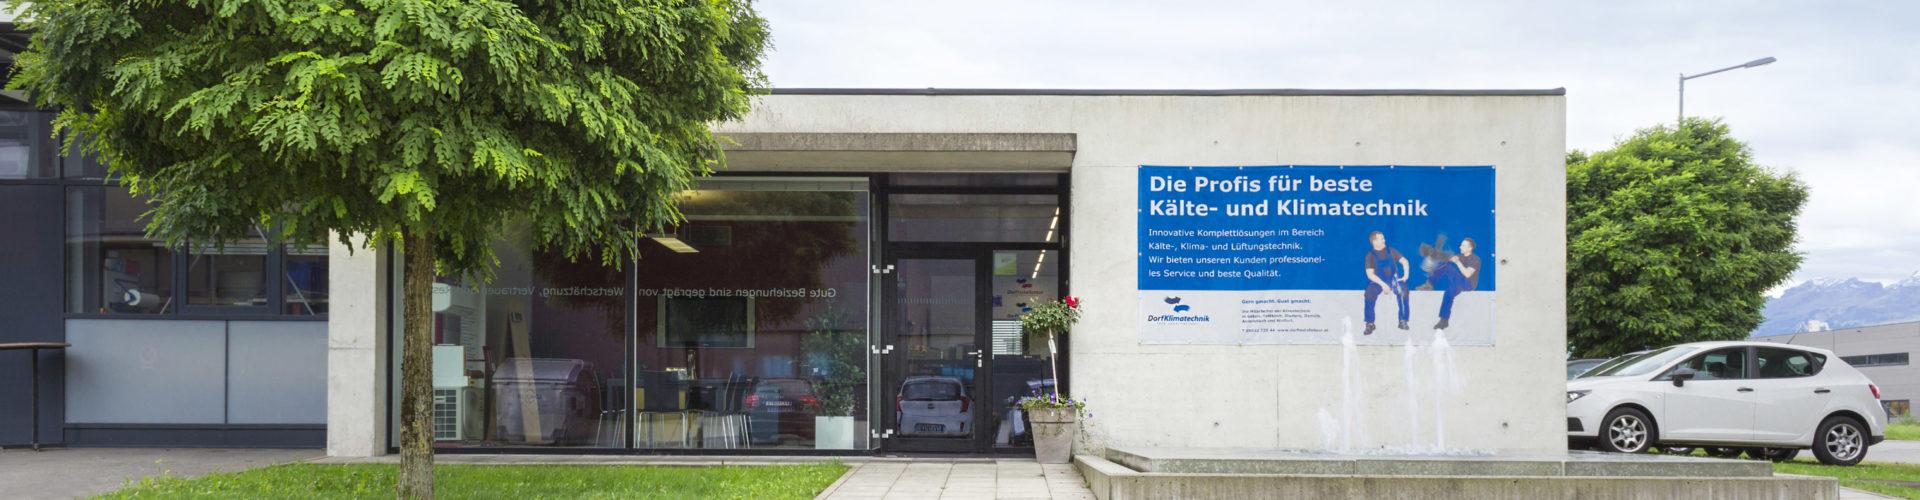 Gebäude Dorfinstallateur Standort Feldkirch Klimatechnik